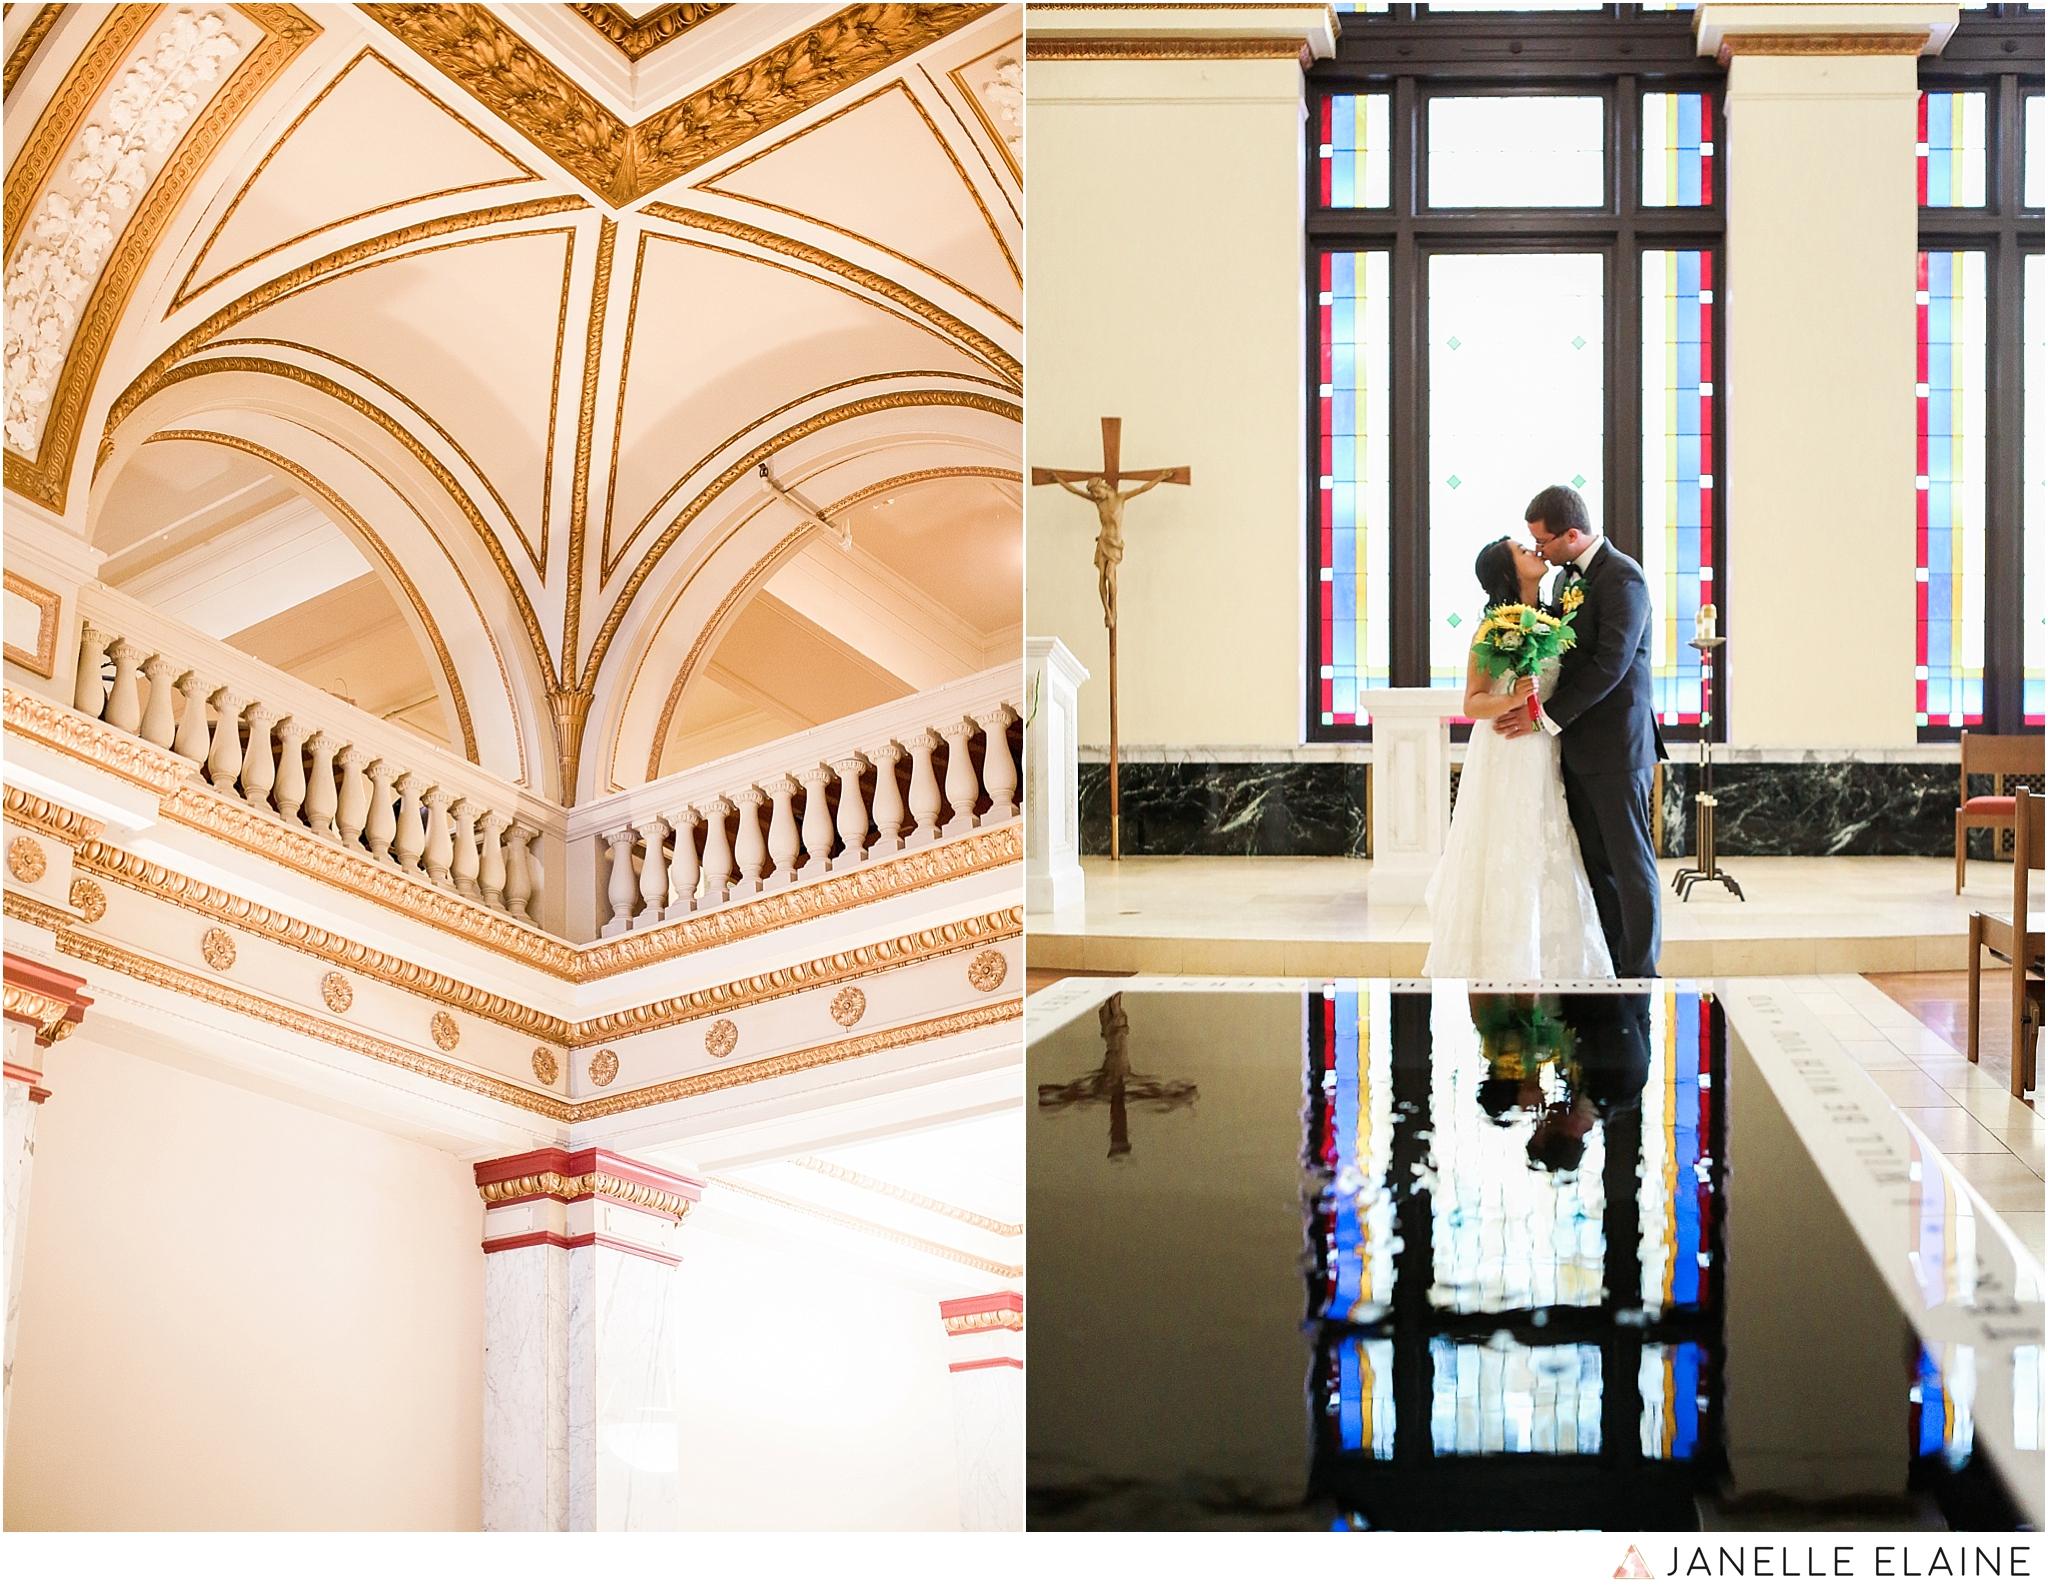 janelle elaine photography-professional wedding photographer seattle--4.jpg